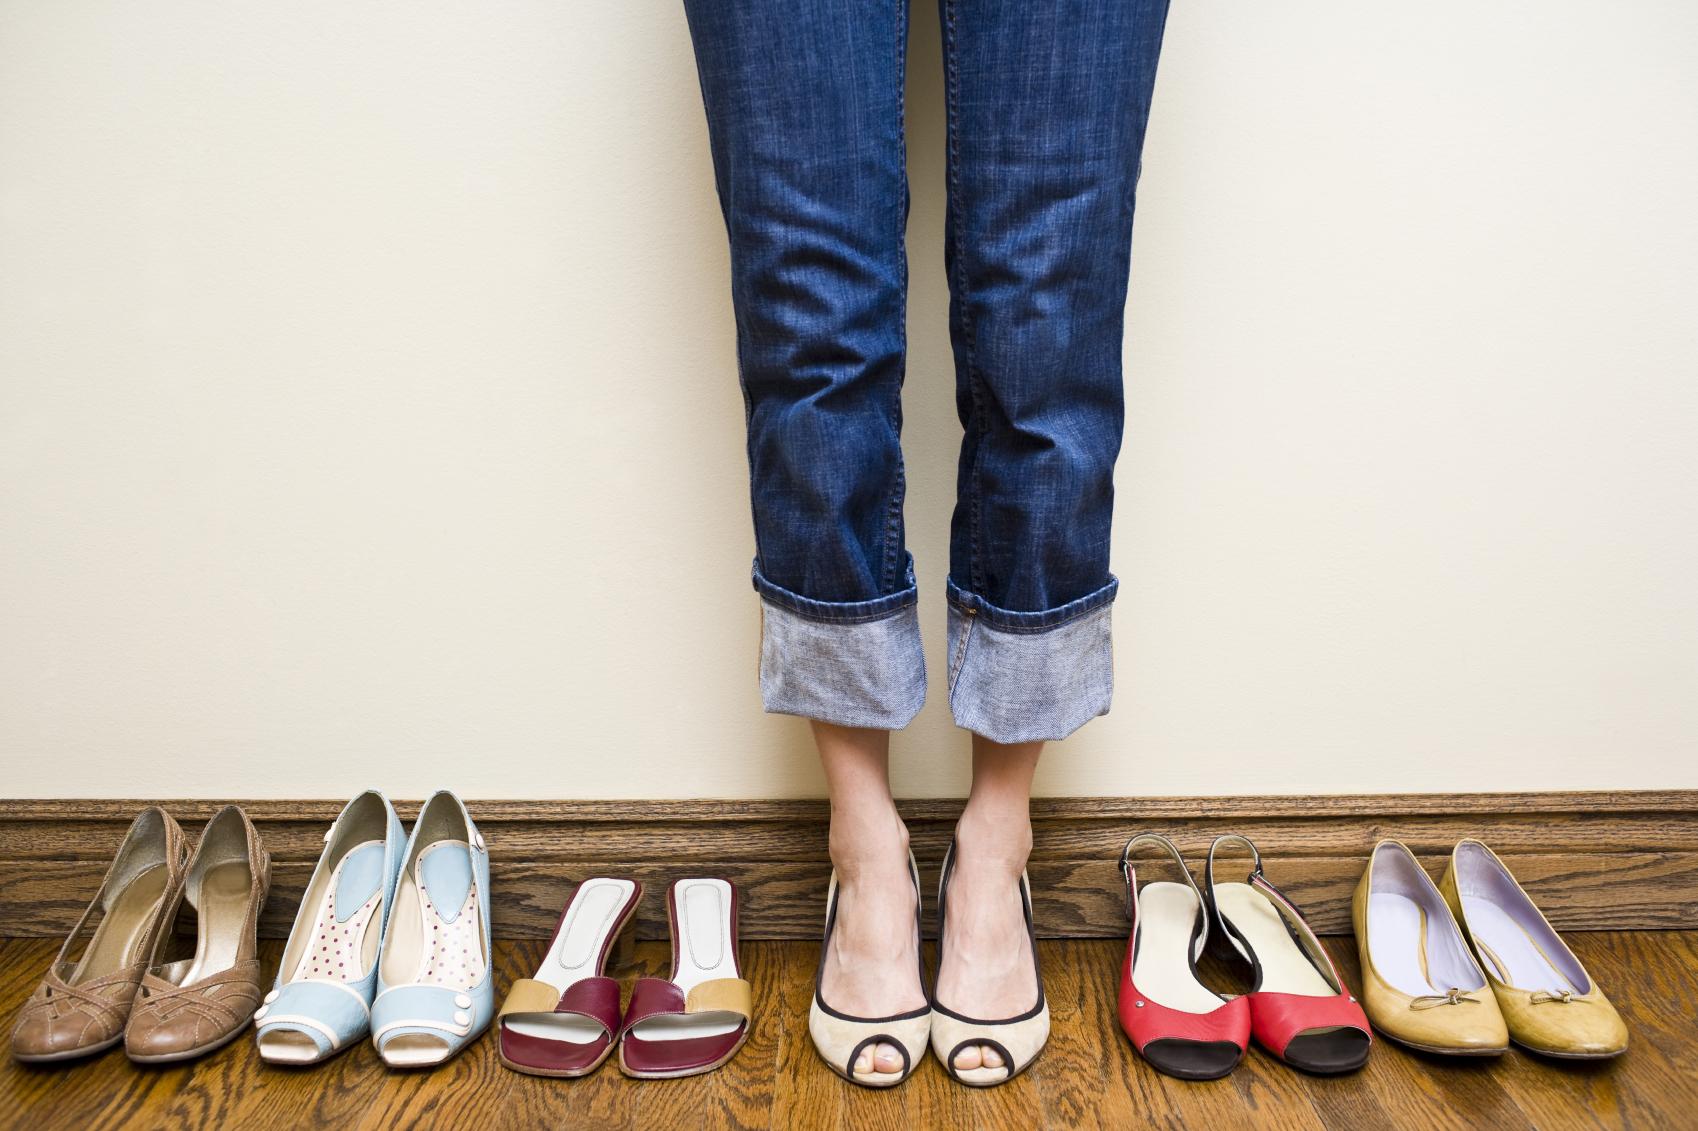 Zapatos para bebé: si no puedes evitarlos, elige los mejores